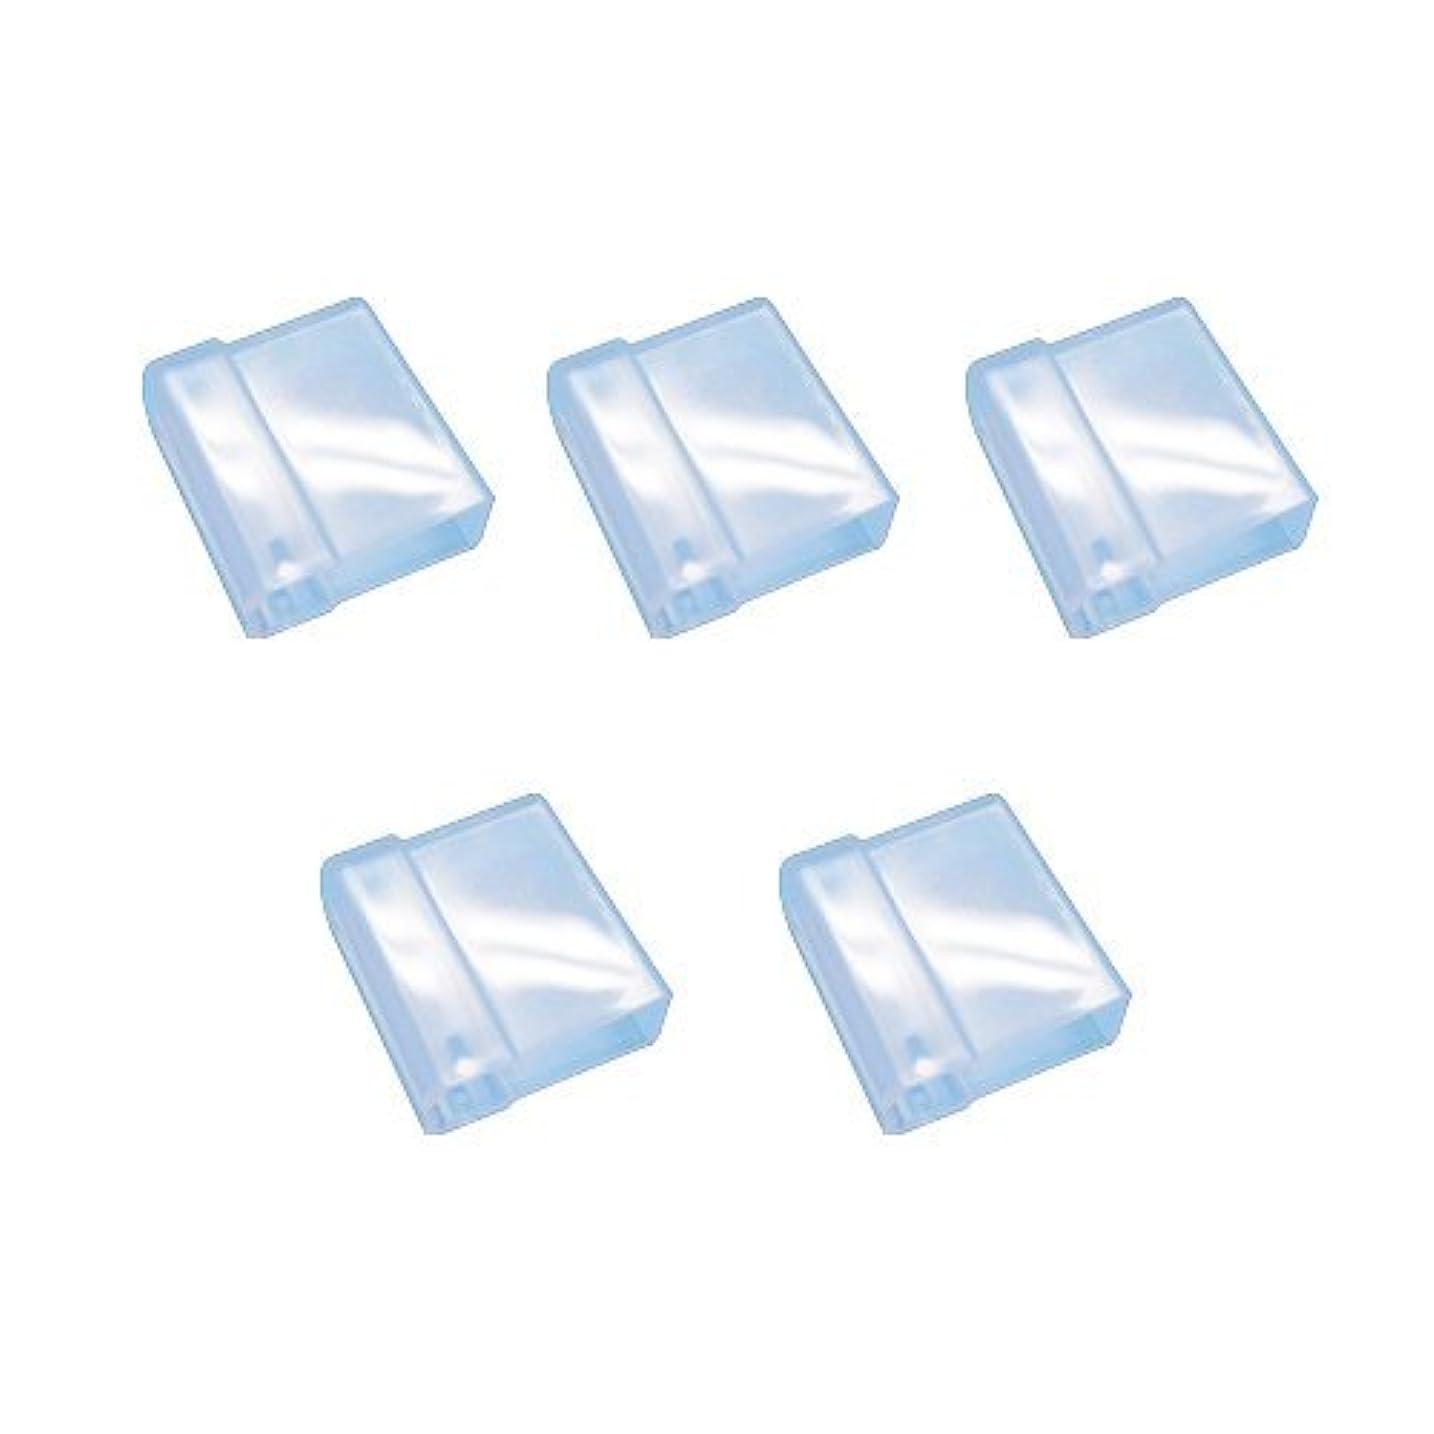 キャンセル威するアサートタフト24専用 スライド式キャップ 5個入